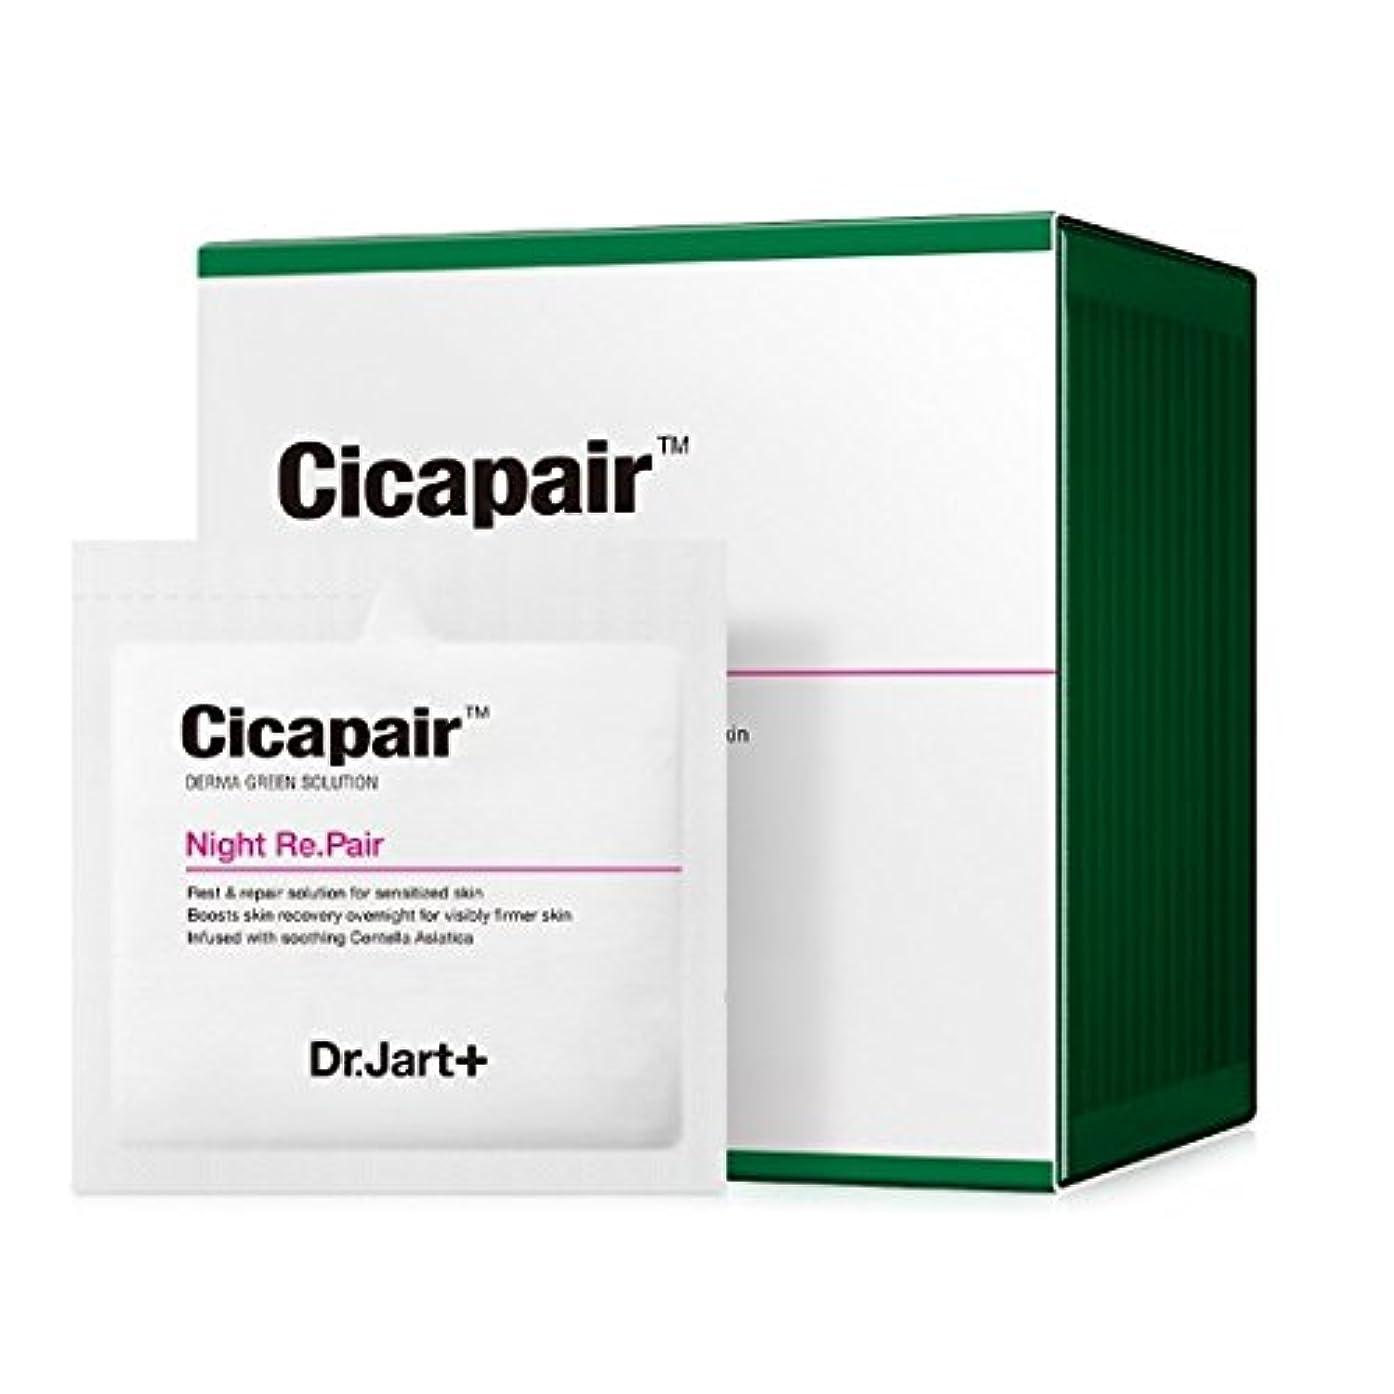 規模雇った罰[Dr.Jart+] Cicapair Night Re.Pair Cream 3ml X 30pcs ドクタージャルトシカペアナイトリペアークリーム [並行輸入品]